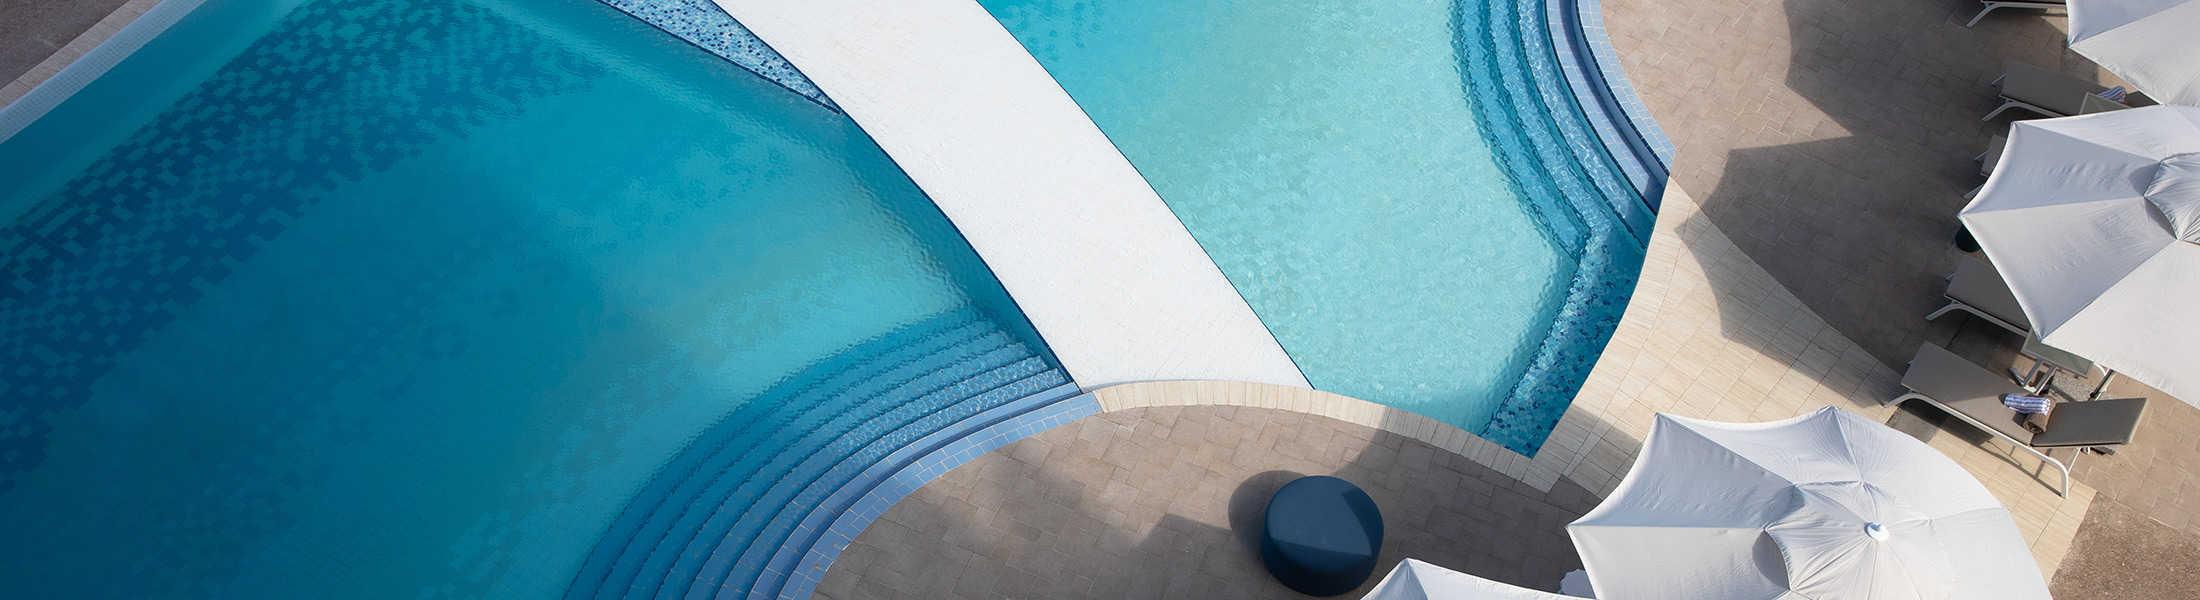 Aerial view of the pool at Jumeirah at Saadiyat Island